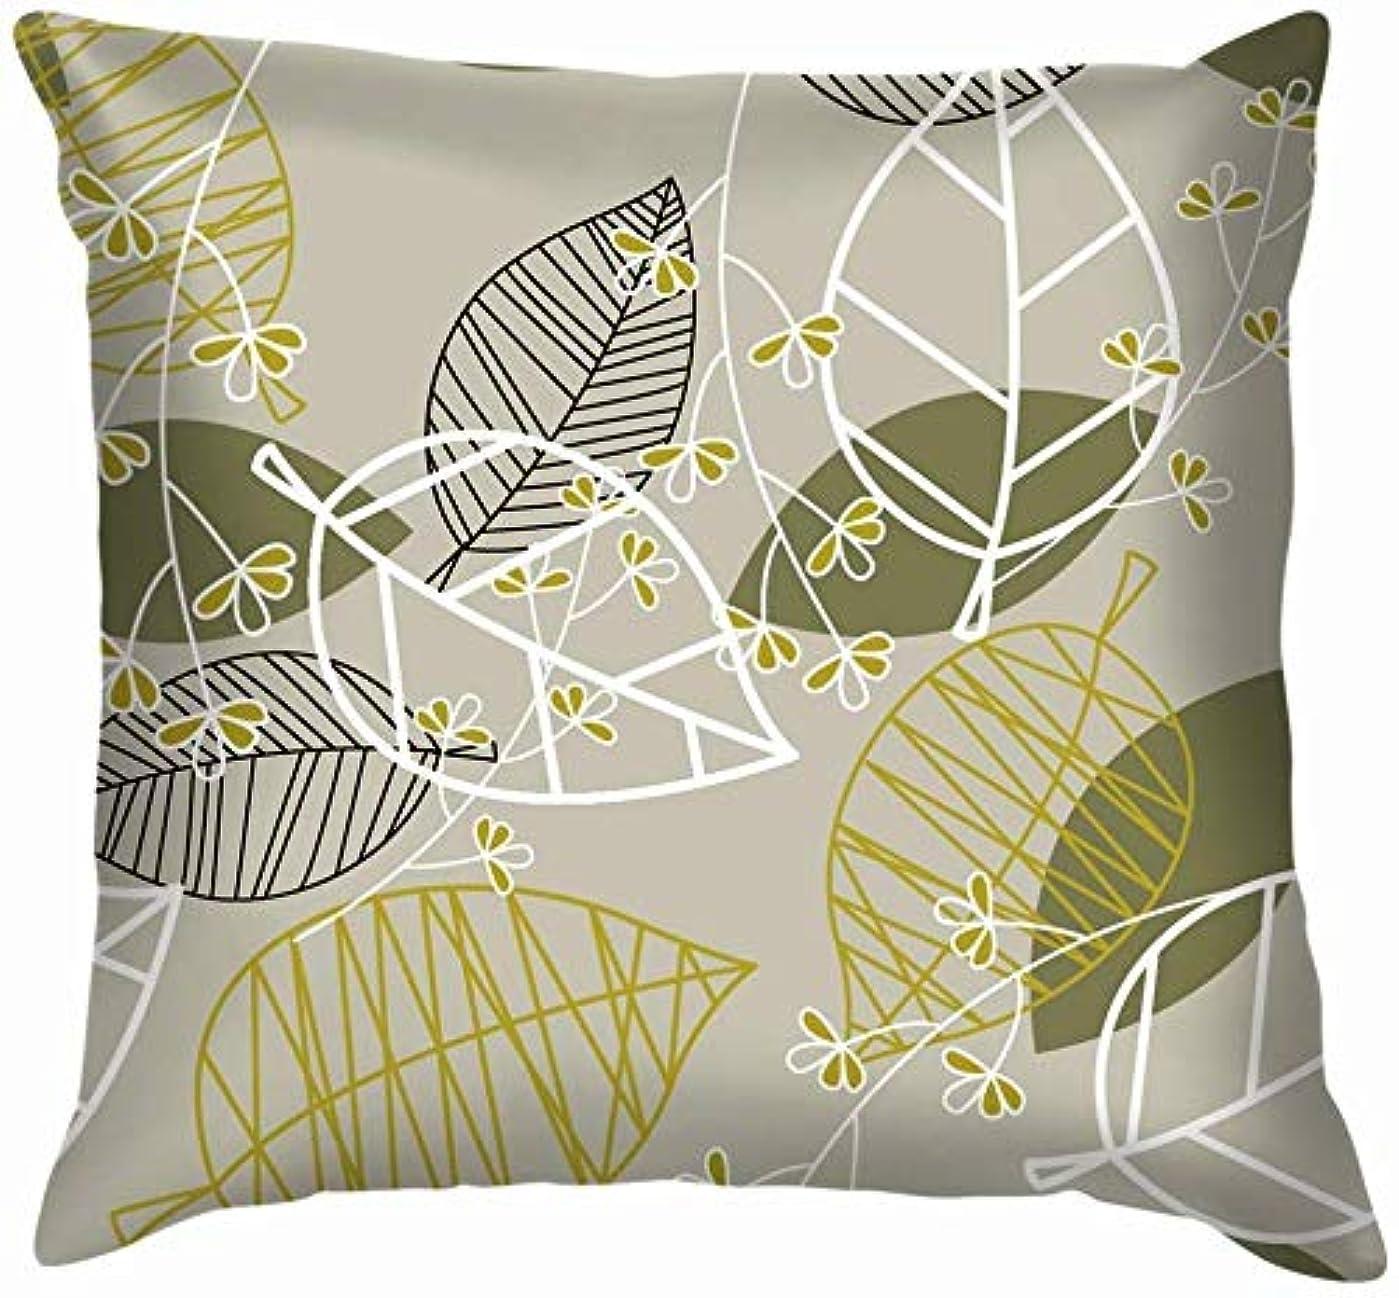 世辞リンスプレミア花の手描き自然スロー枕カバーホームソファクッションカバー枕カバーギフト45x45 cm